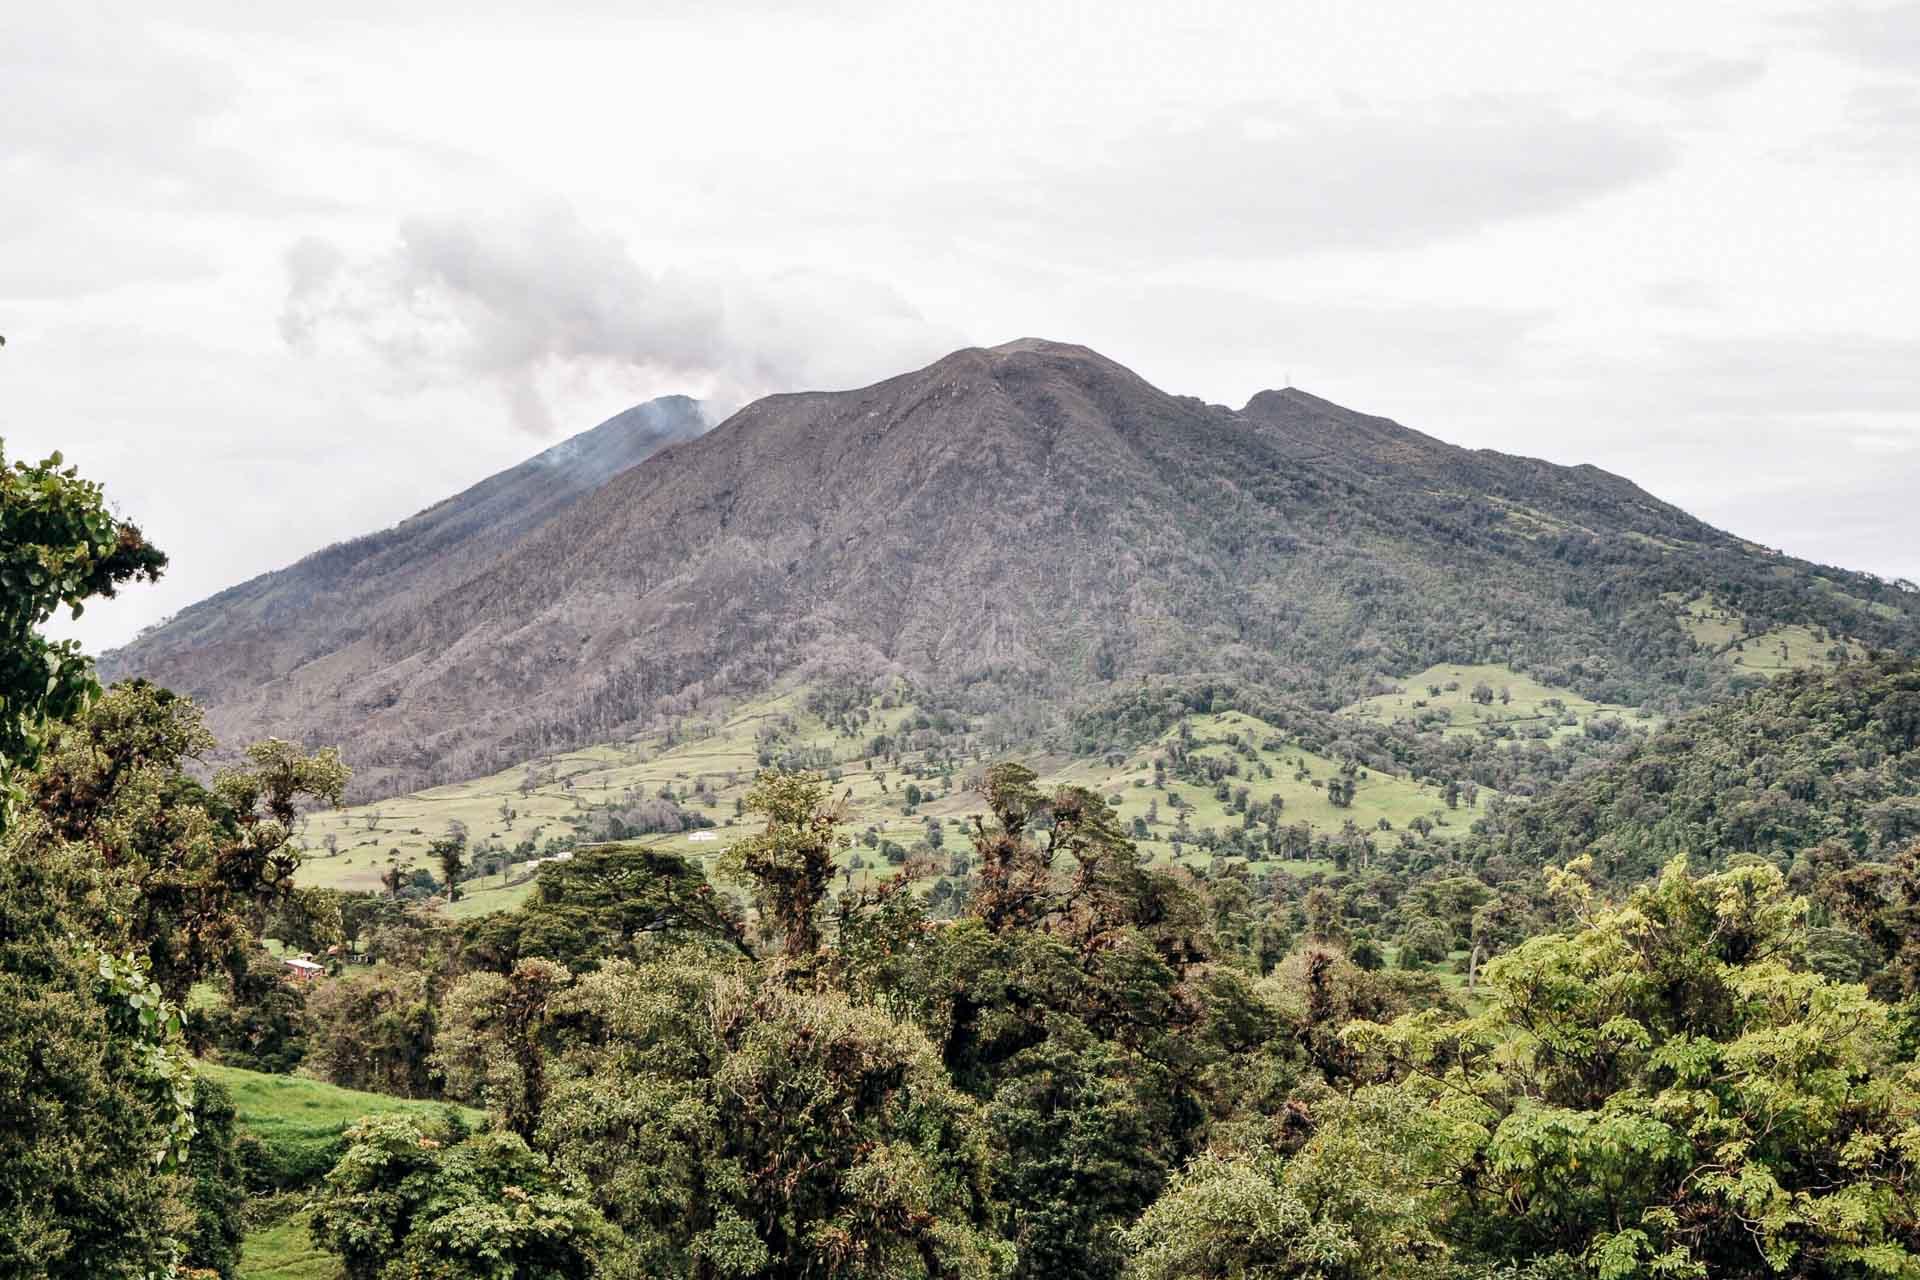 Des hauteurs des volcans aux alentours de San José aux forêts vierges humides du Rio Pacuare, la Vallée Centrale du Costa Rica est une région aux paysages variés, qu'il fait bon d'arpenter. Découvrez les plus belles excursions des environs, entre sensations fortes, observation de la nature et moments de détente.